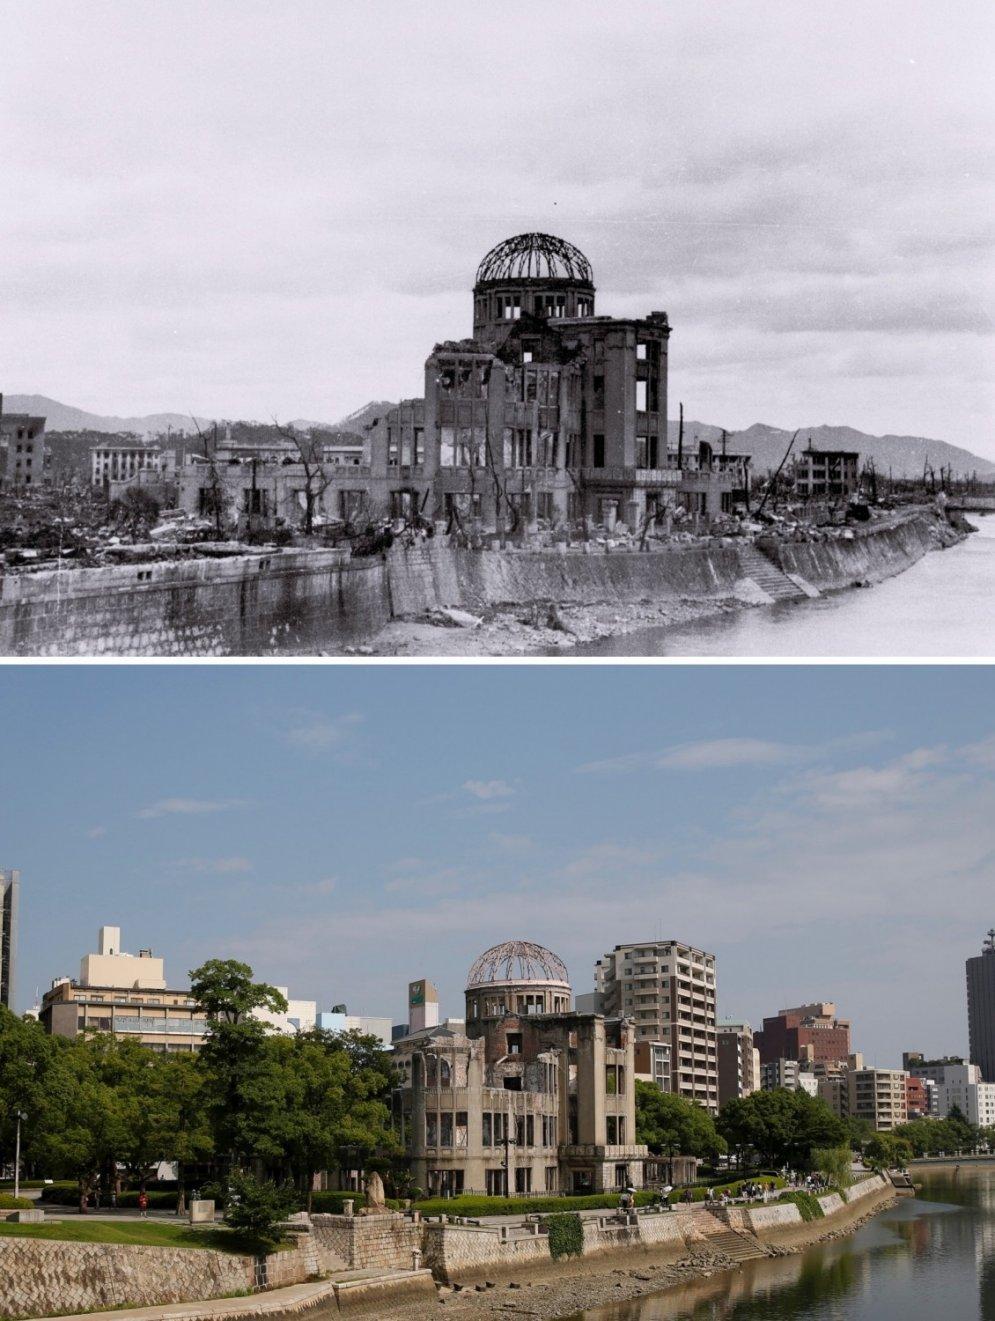 того координатами как сейчас выглядит хиросима и нагасаки фото растение